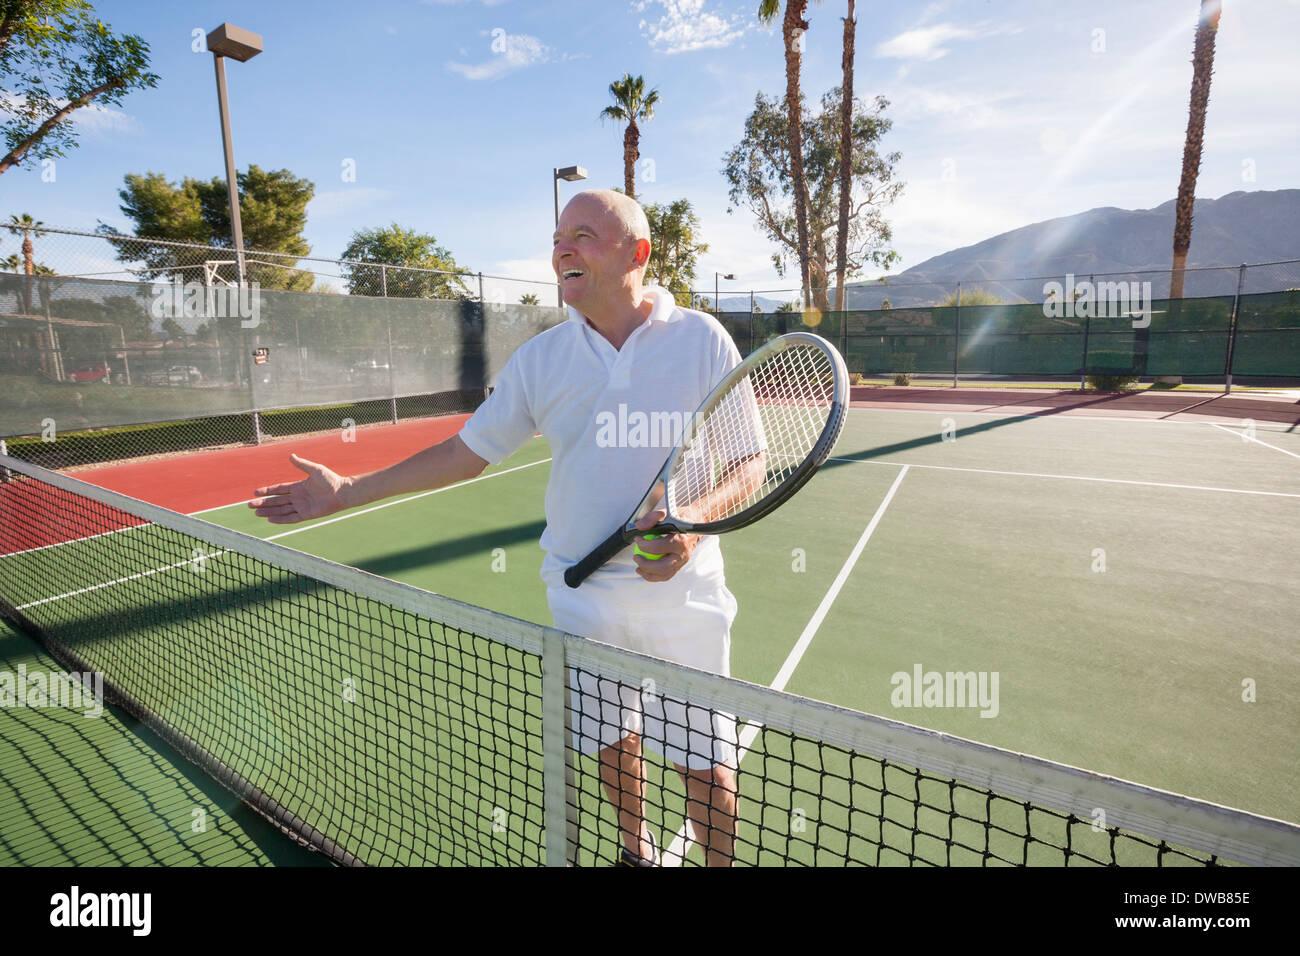 Feliz Jugador de tenis masculino senior ofreciendo apretón de manos en corte Imagen De Stock